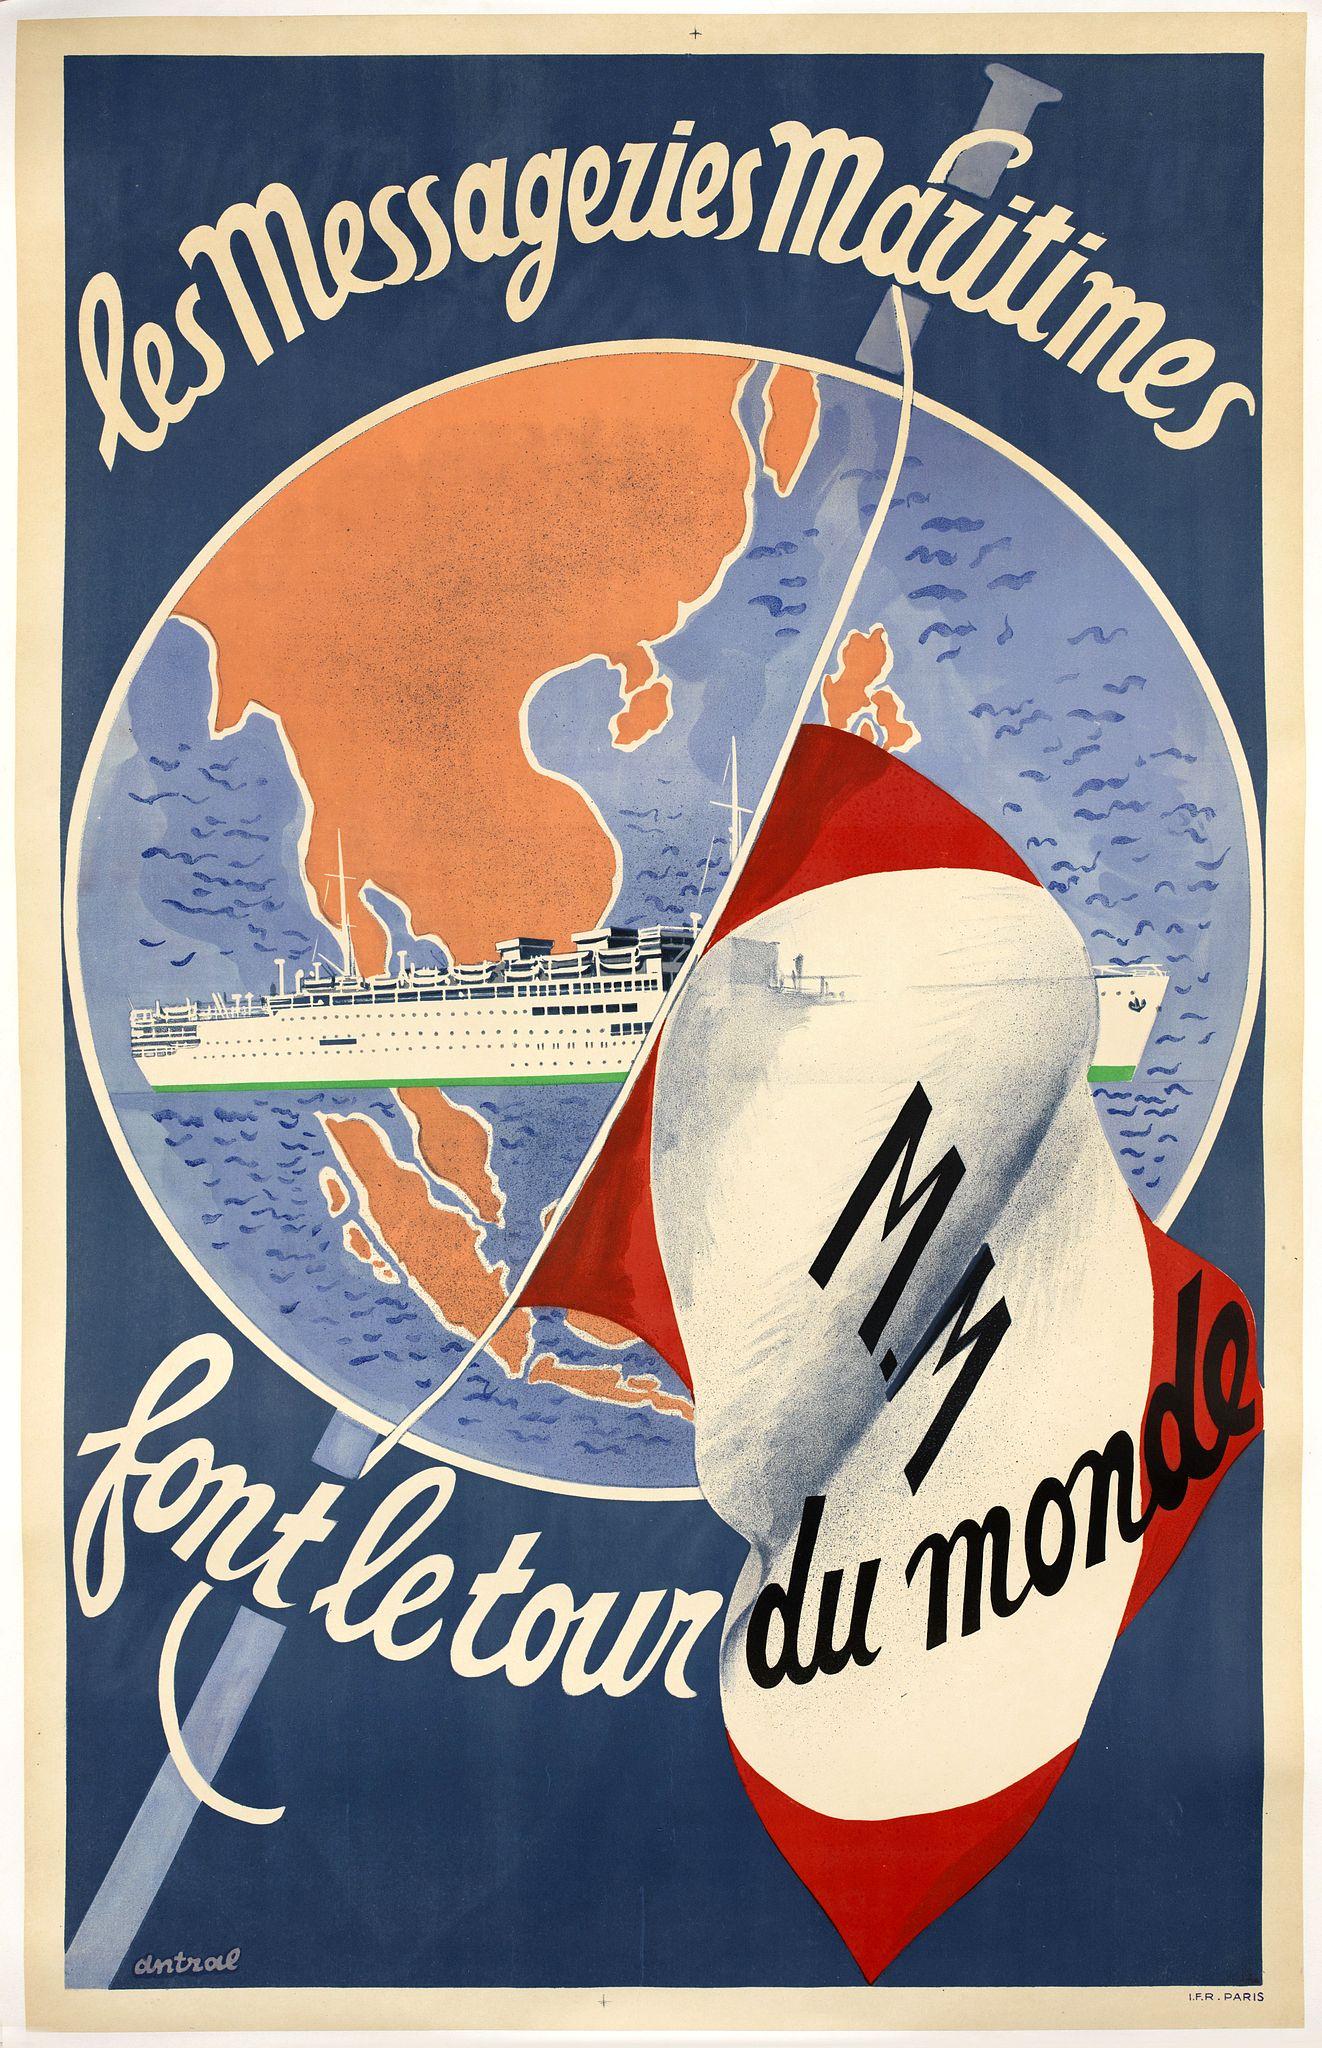 IMP FRANCAISES REUNIES - Les Messageries Maritimes font le tour du monde.